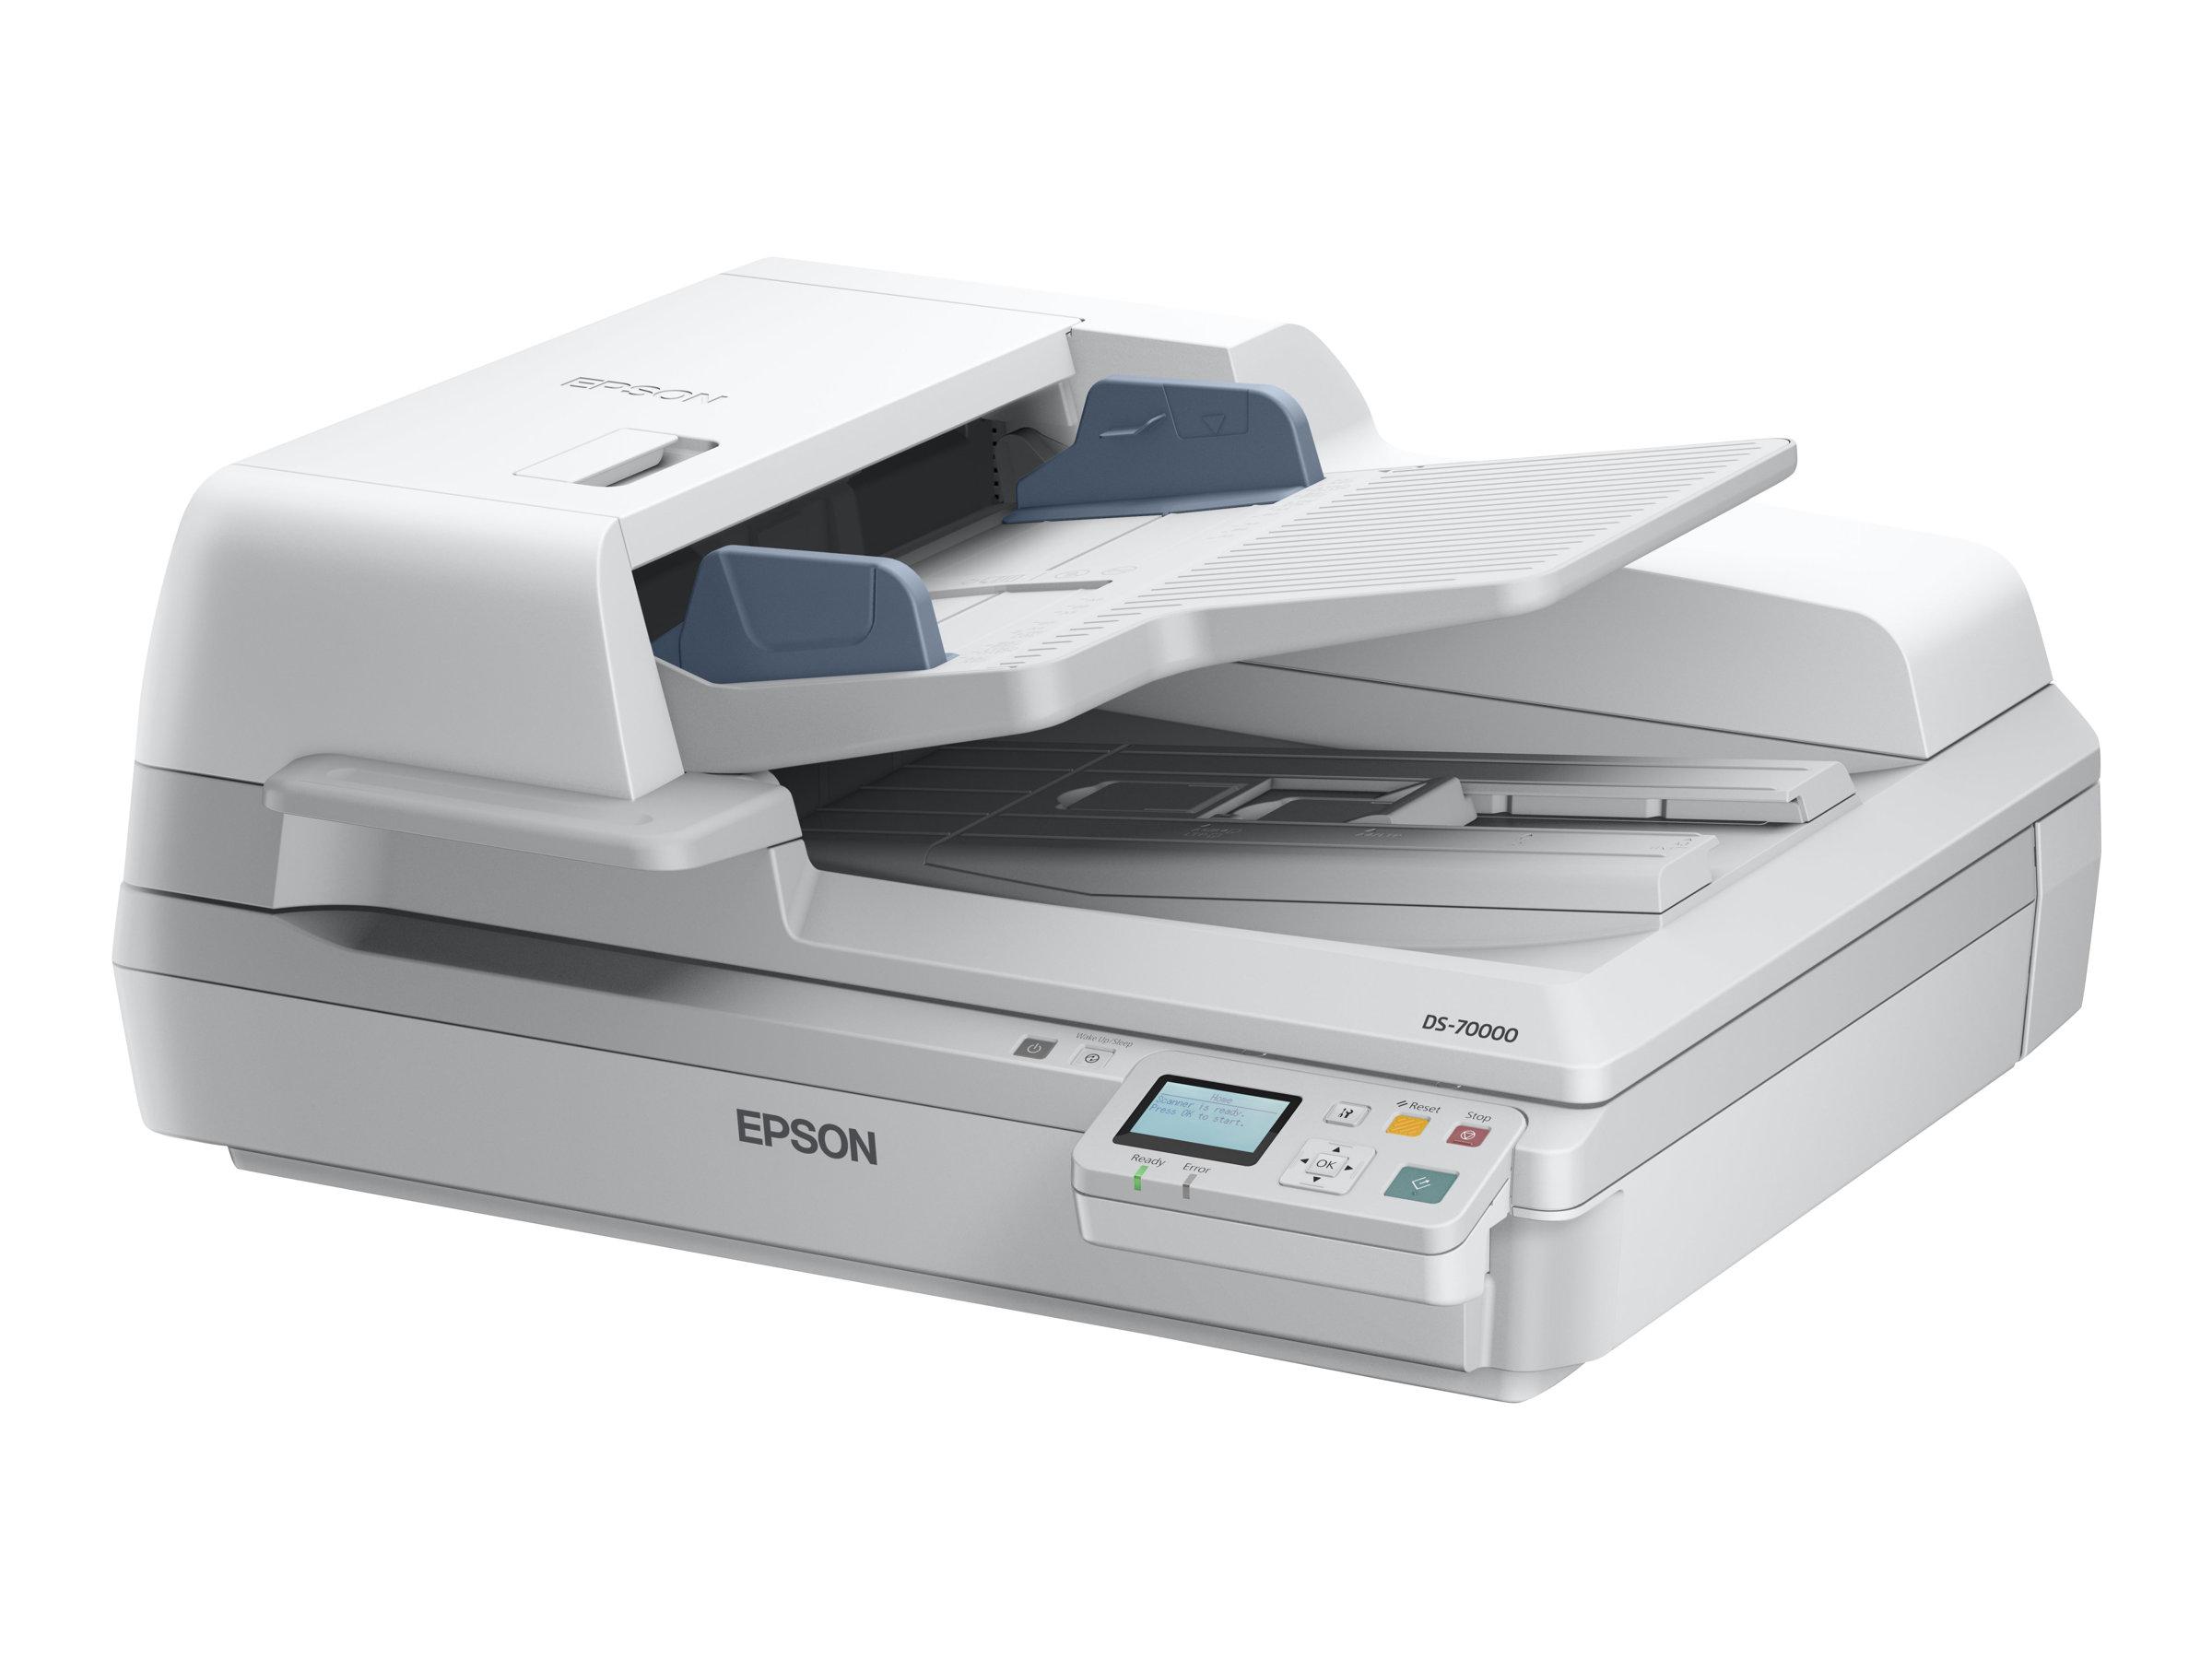 Epson WorkForce DS-70000N - Dokumentenscanner - Duplex - A3 - 600 dpi x 600 dpi - bis zu 70 Seiten/Min. (einfarbig) / bis zu 70